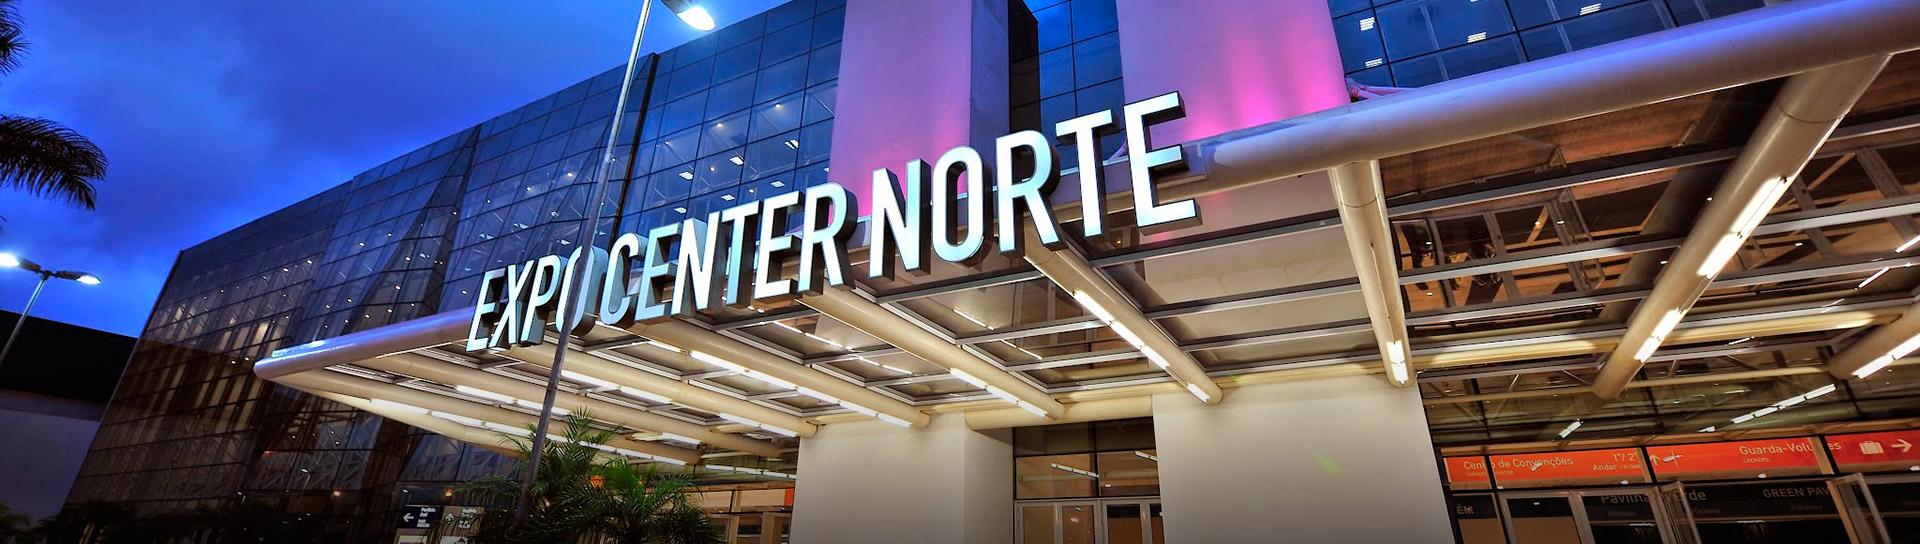 expo-center-norte